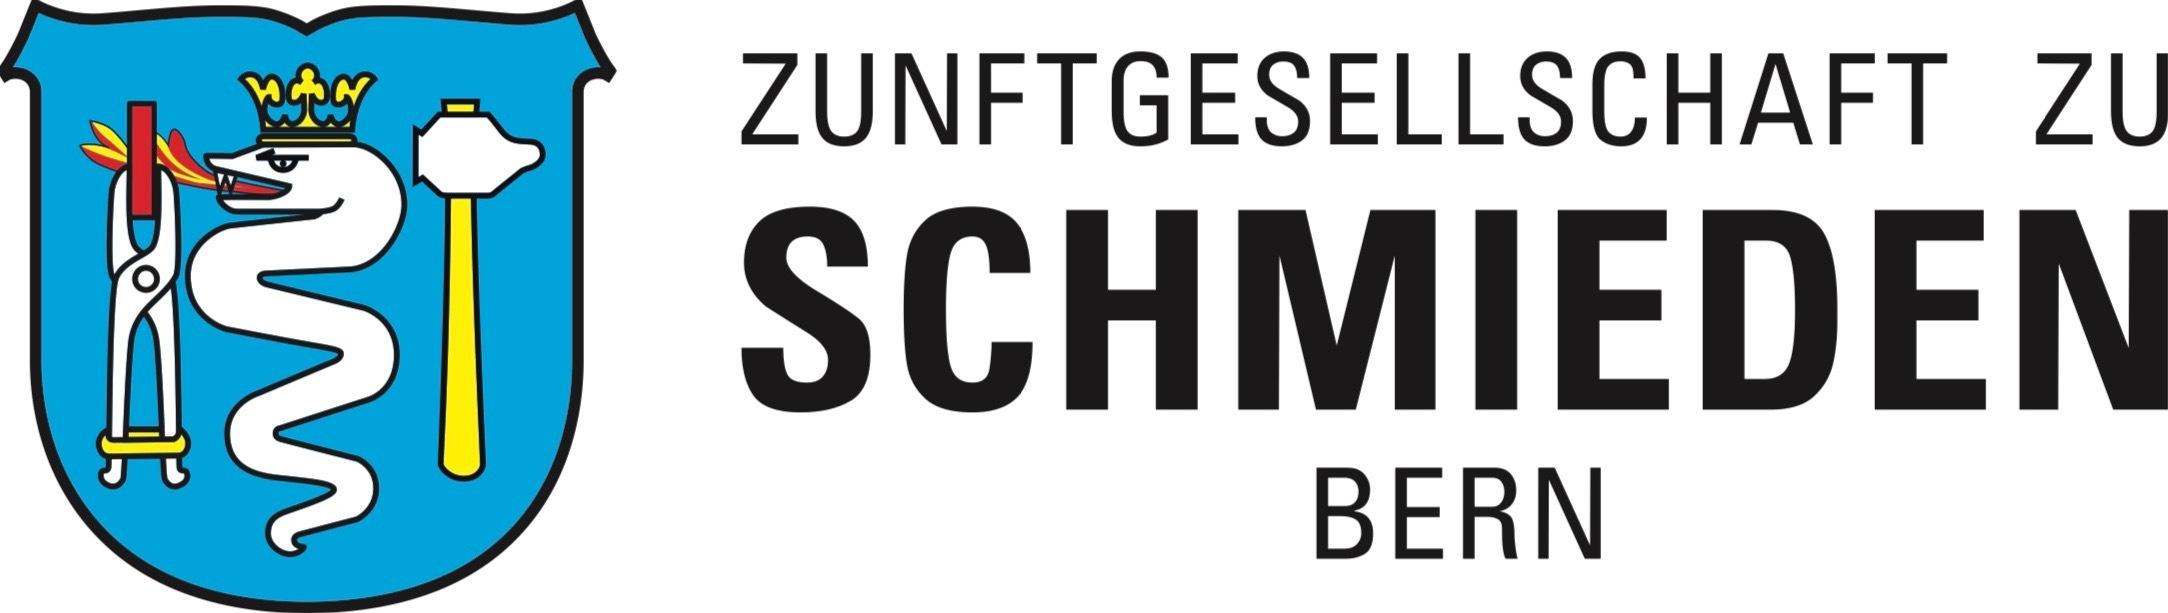 Zunftgesellschaft zu Schmieden Bern (Varieté)